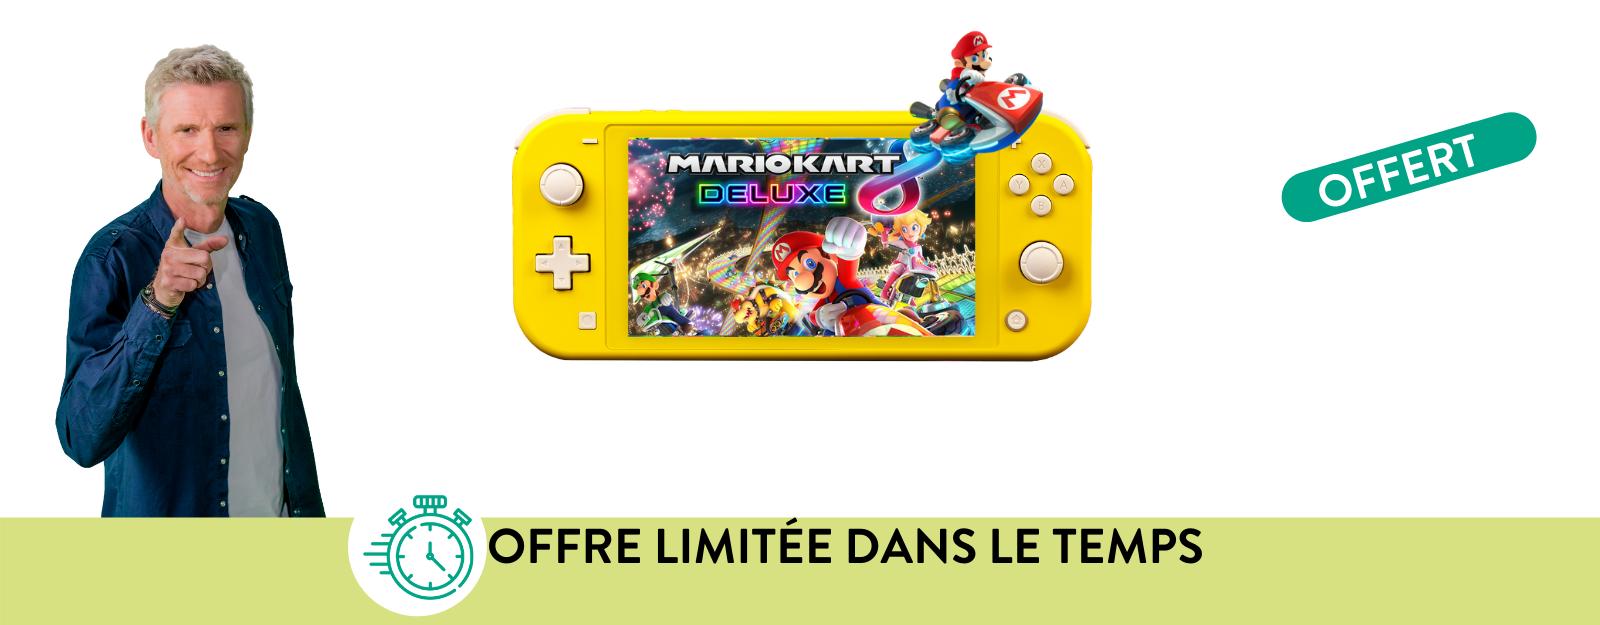 L'offre du moment : Nintendo Switch Lite + des surprises !